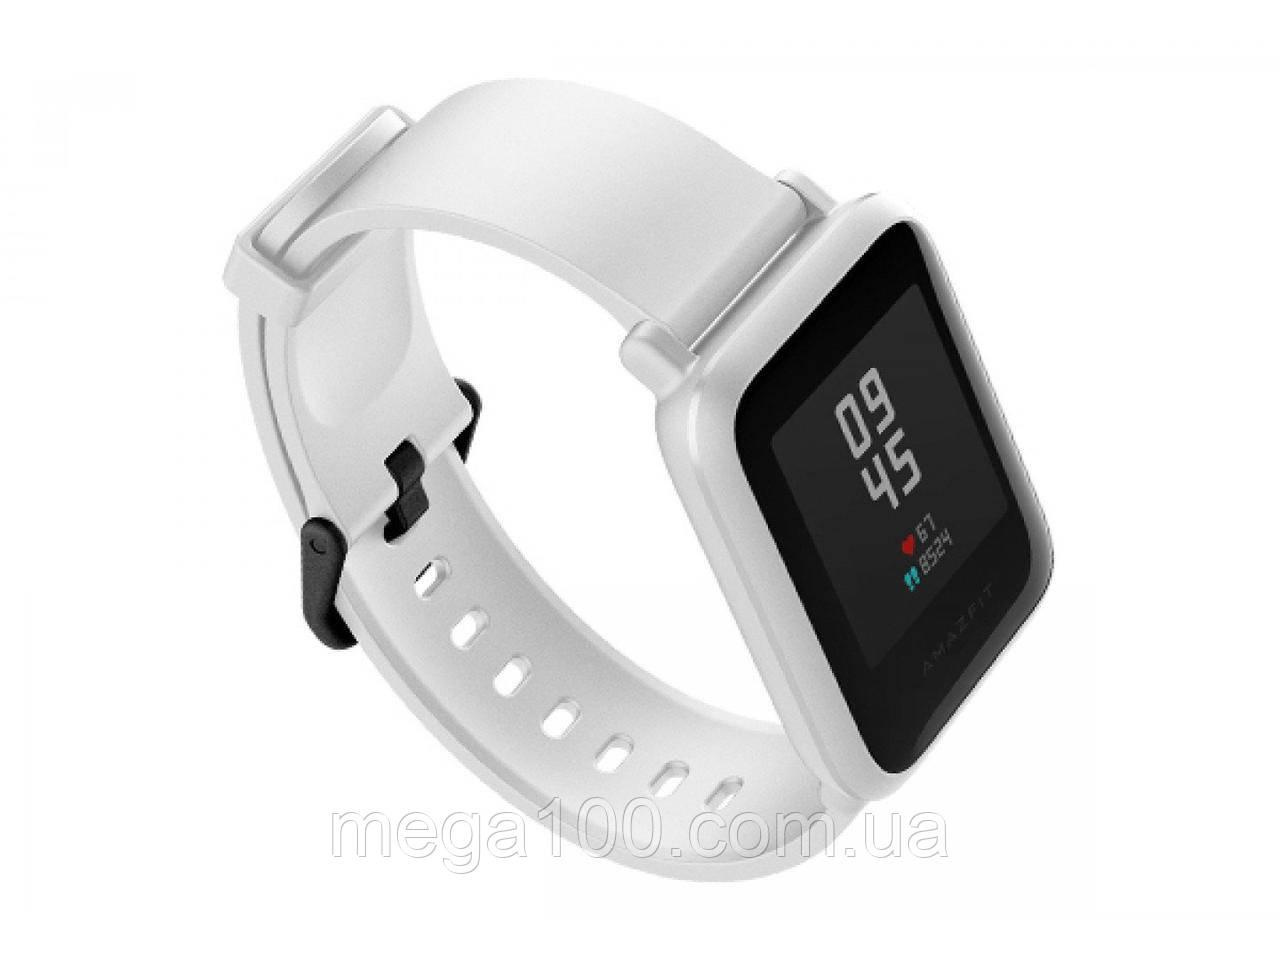 Смарт часы Xiaomi Amazfit Bip белый цвет